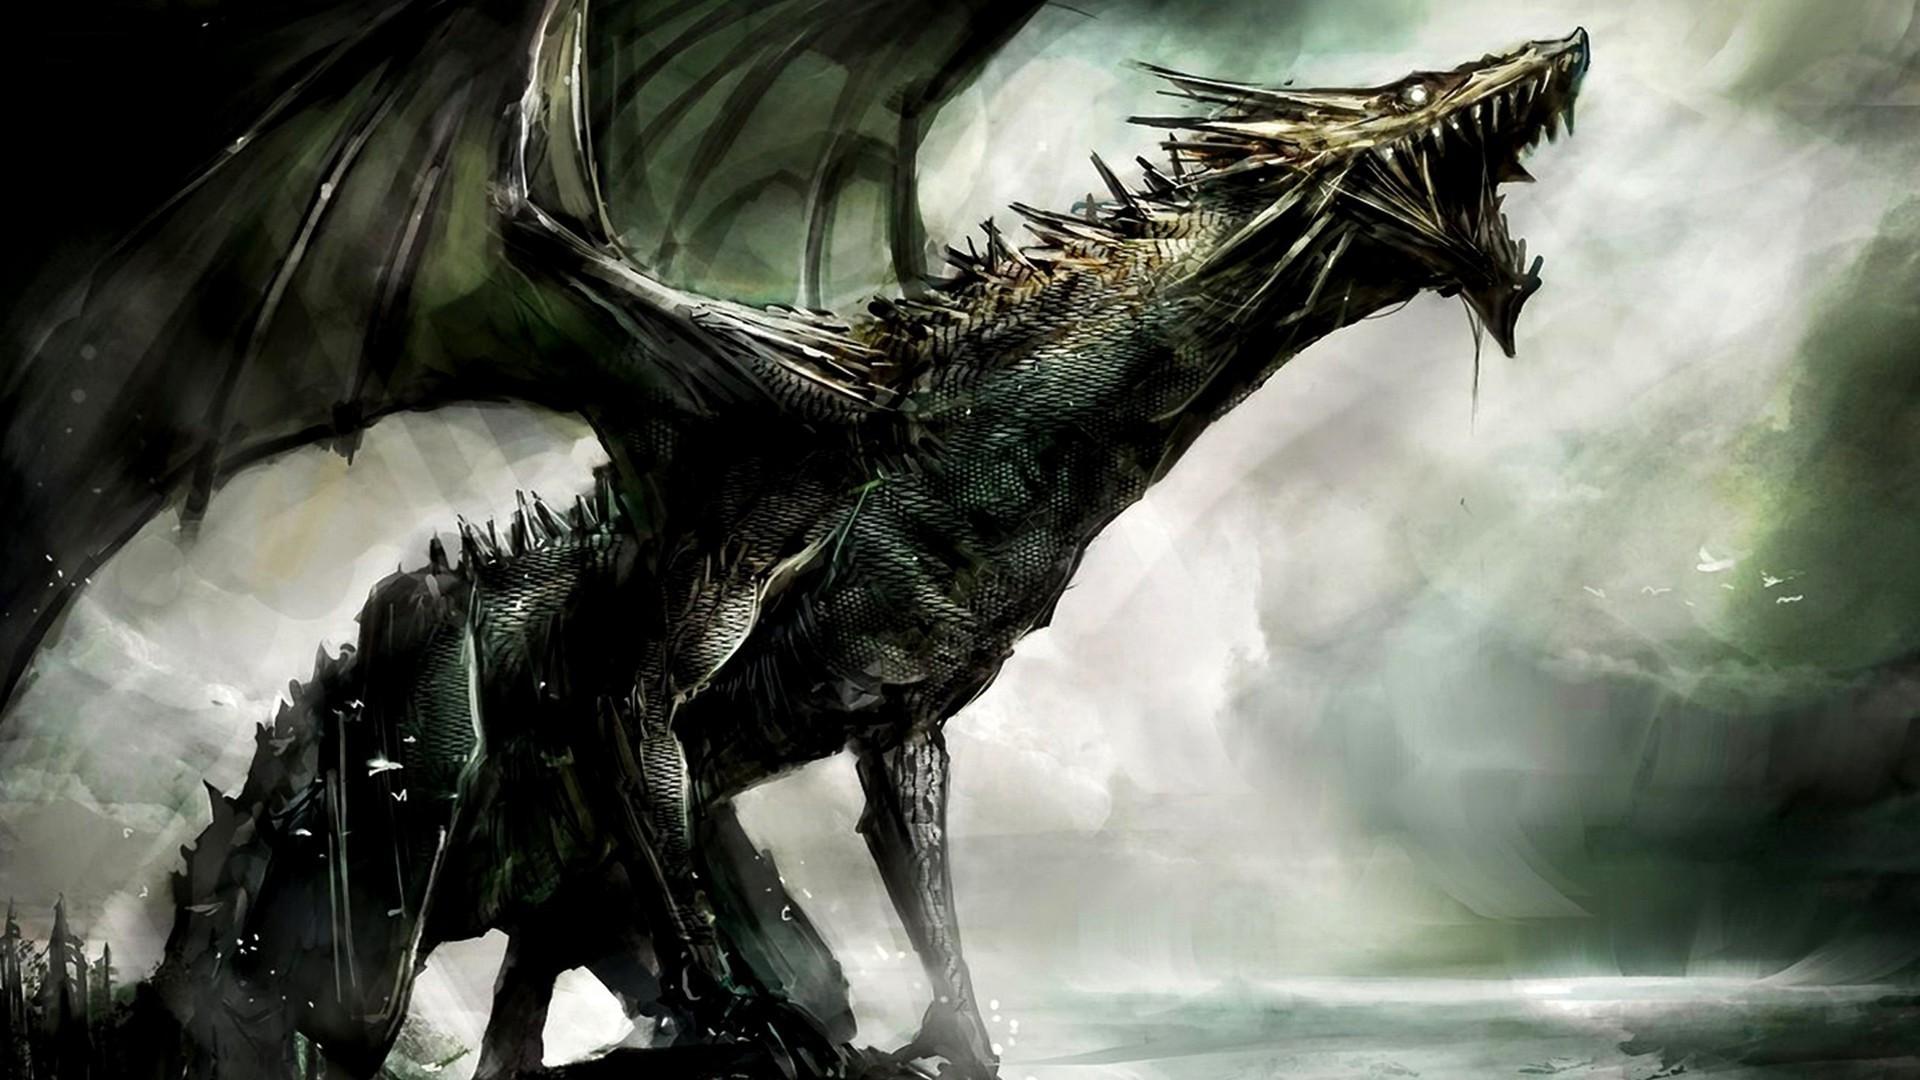 Dark Dragon Fantasy Art - HD Wallpaper